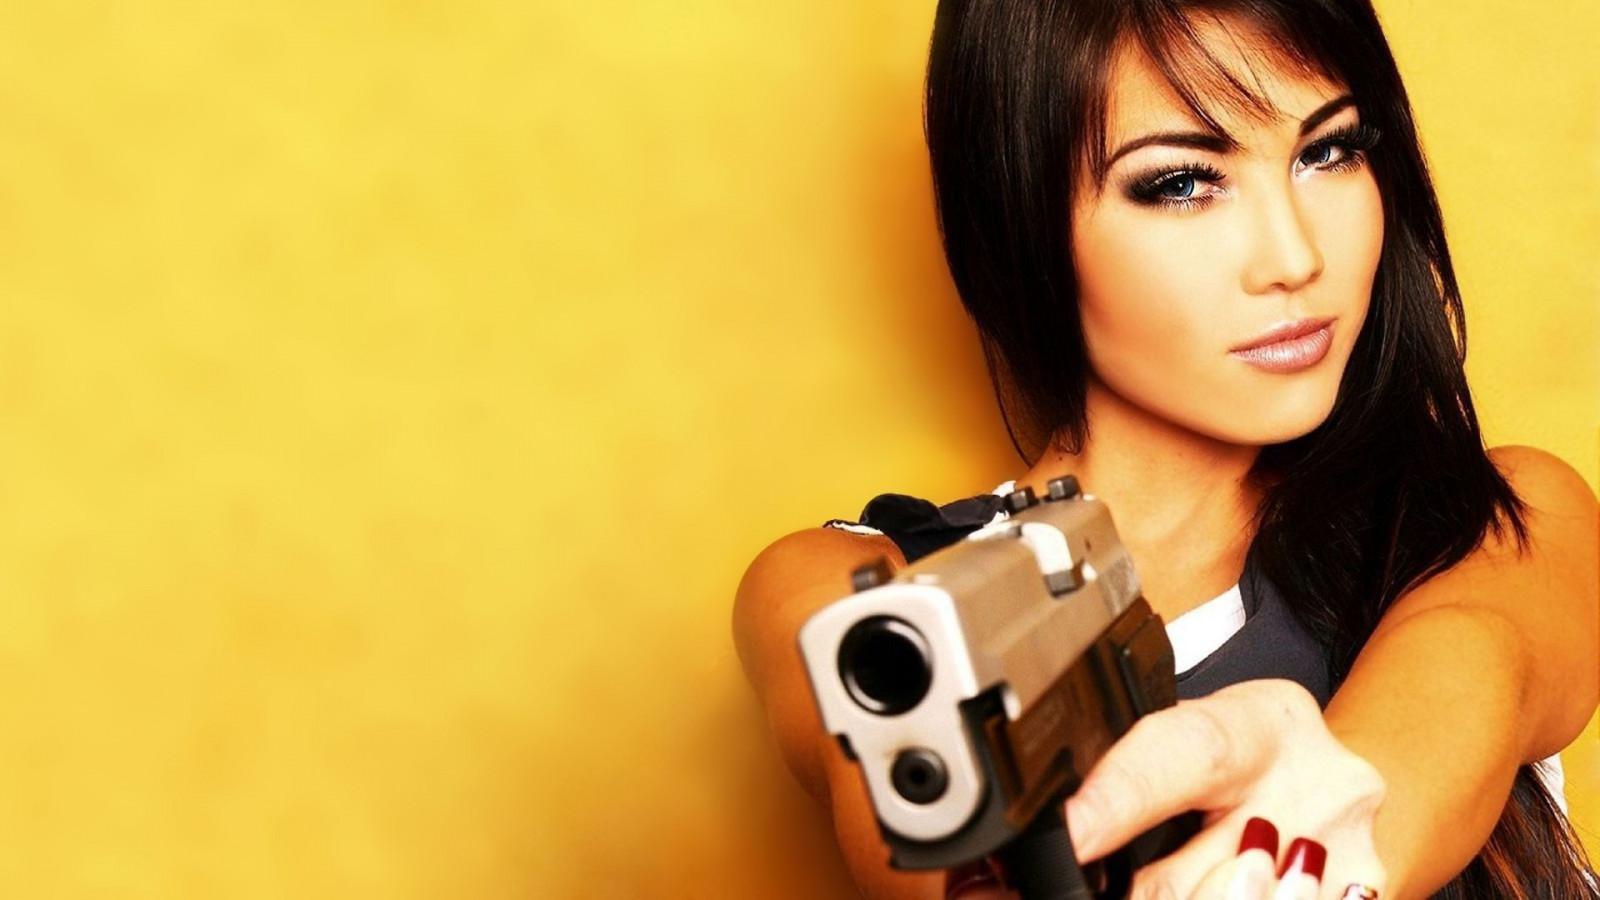 Сейф можно чем опасна красивая девушка сожалению